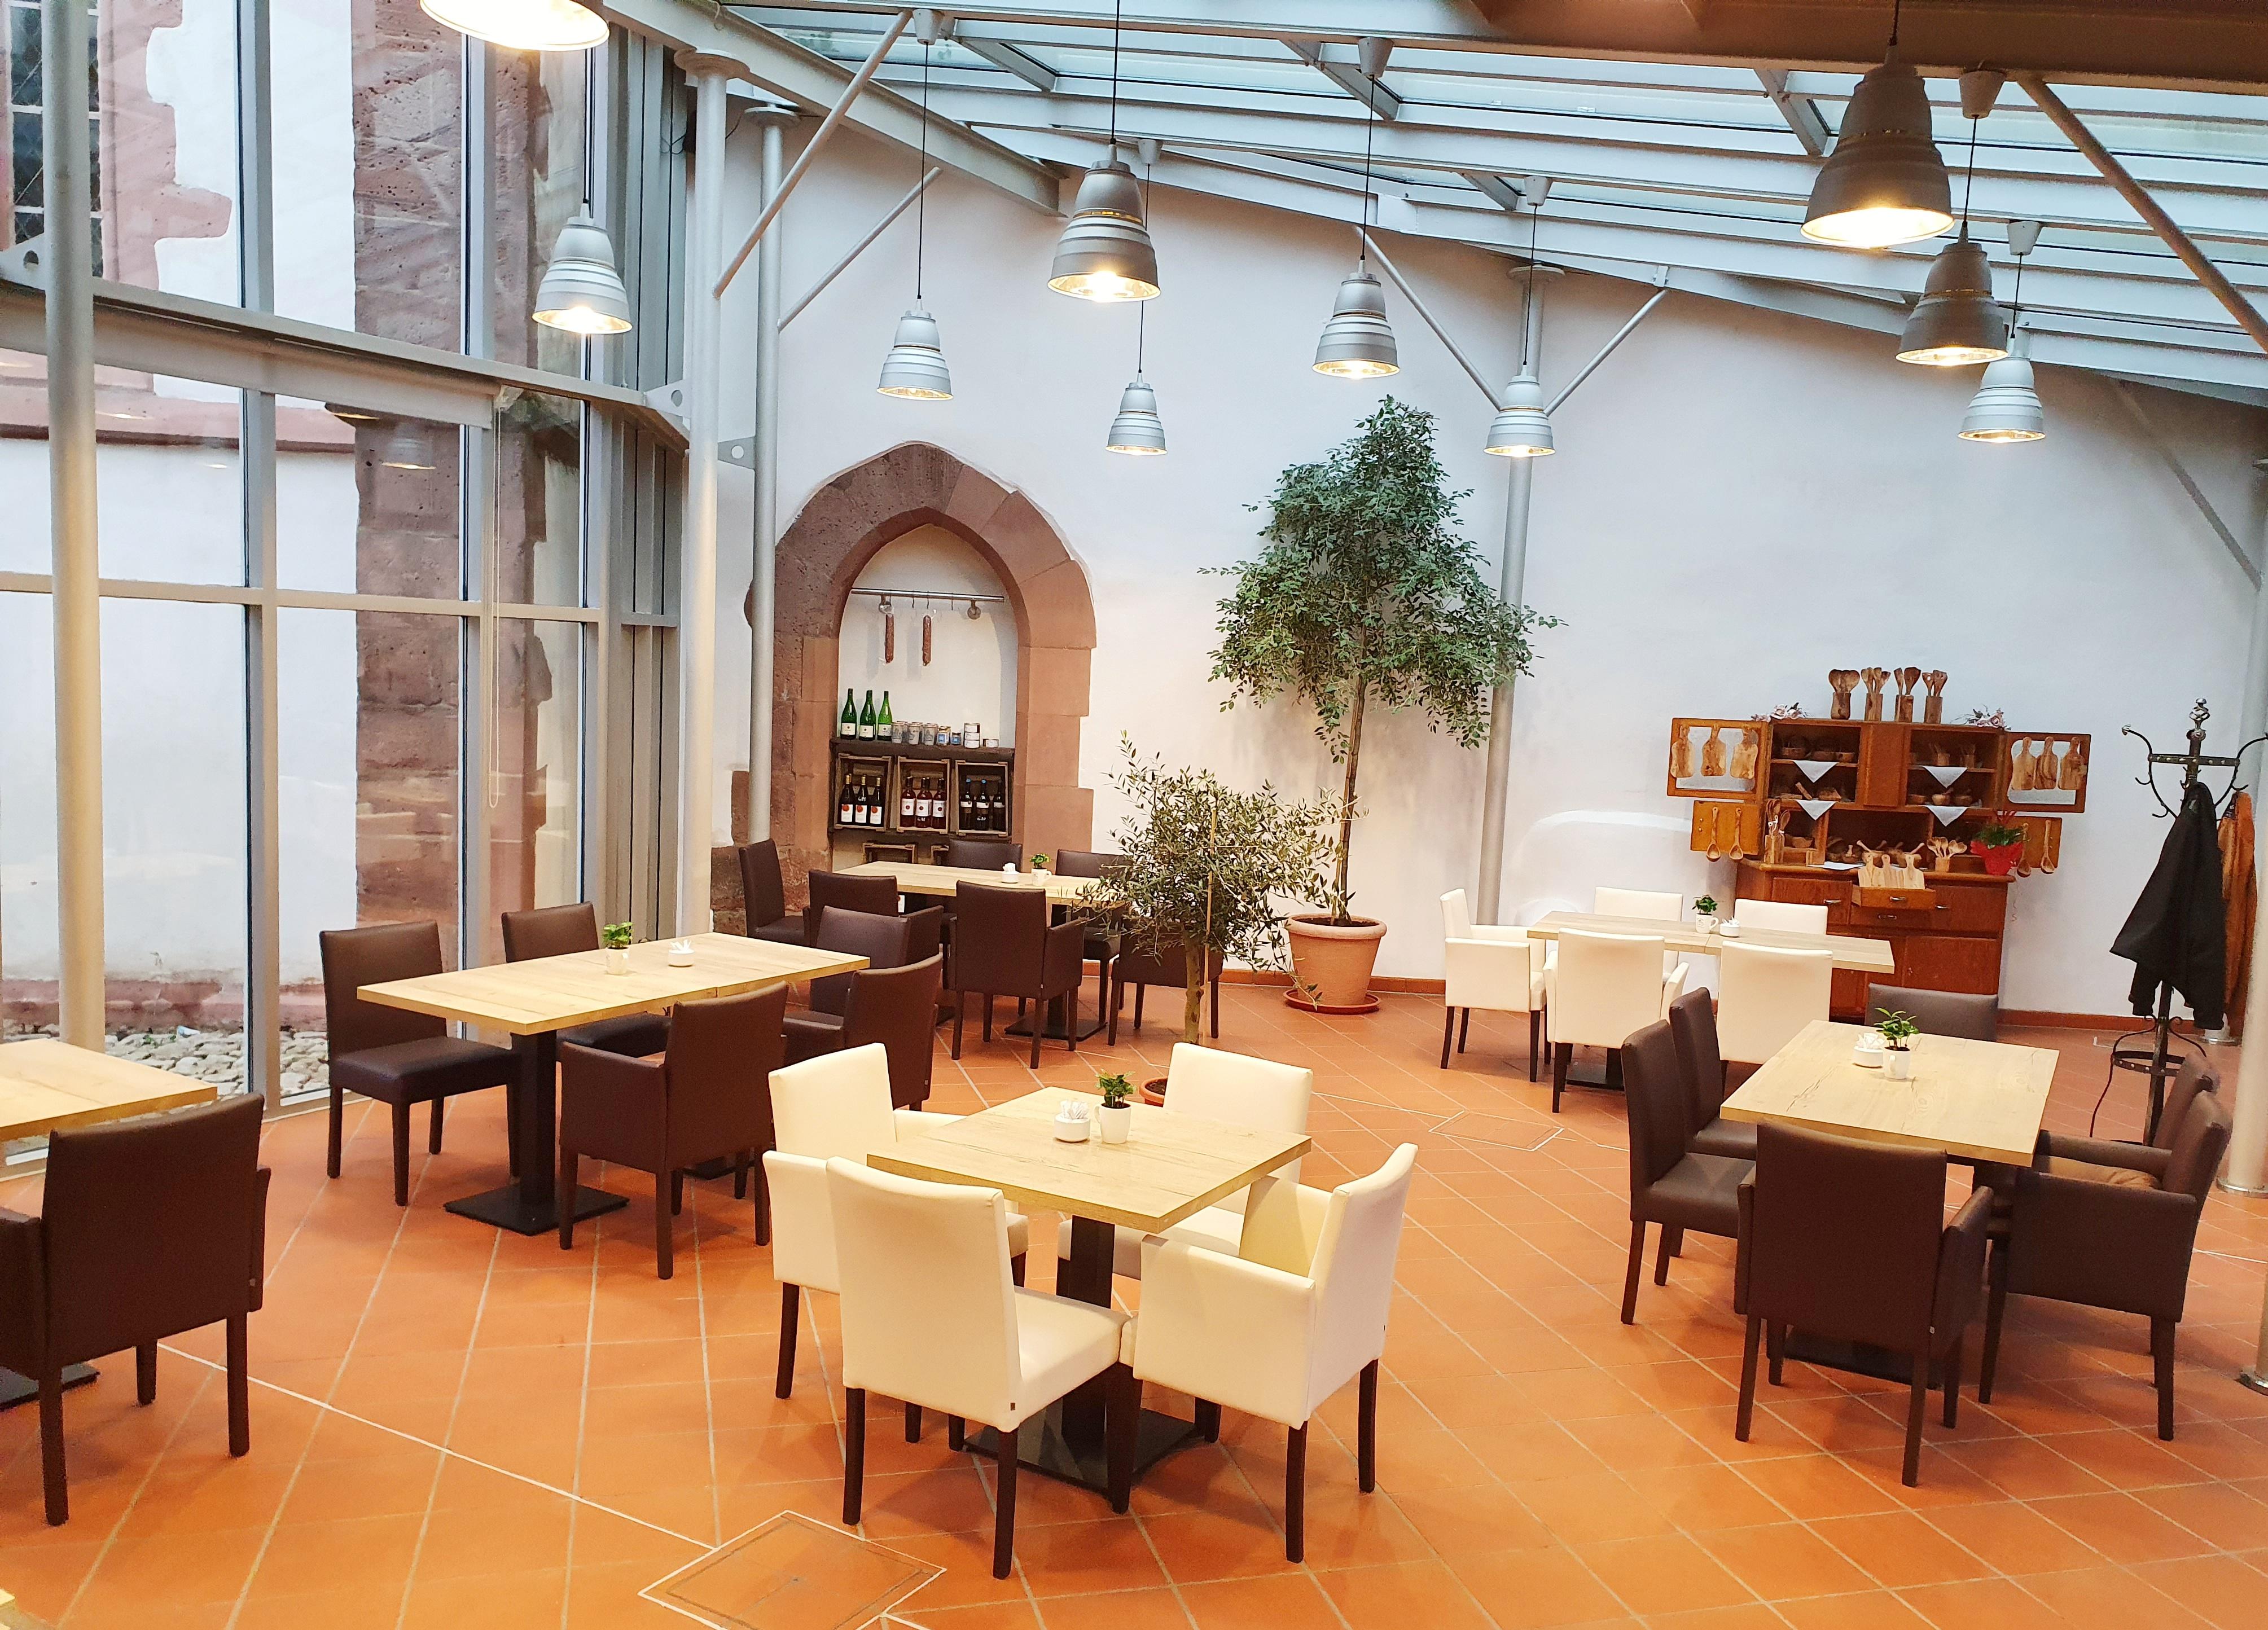 Café in der kleinen Gasse_Innenraum